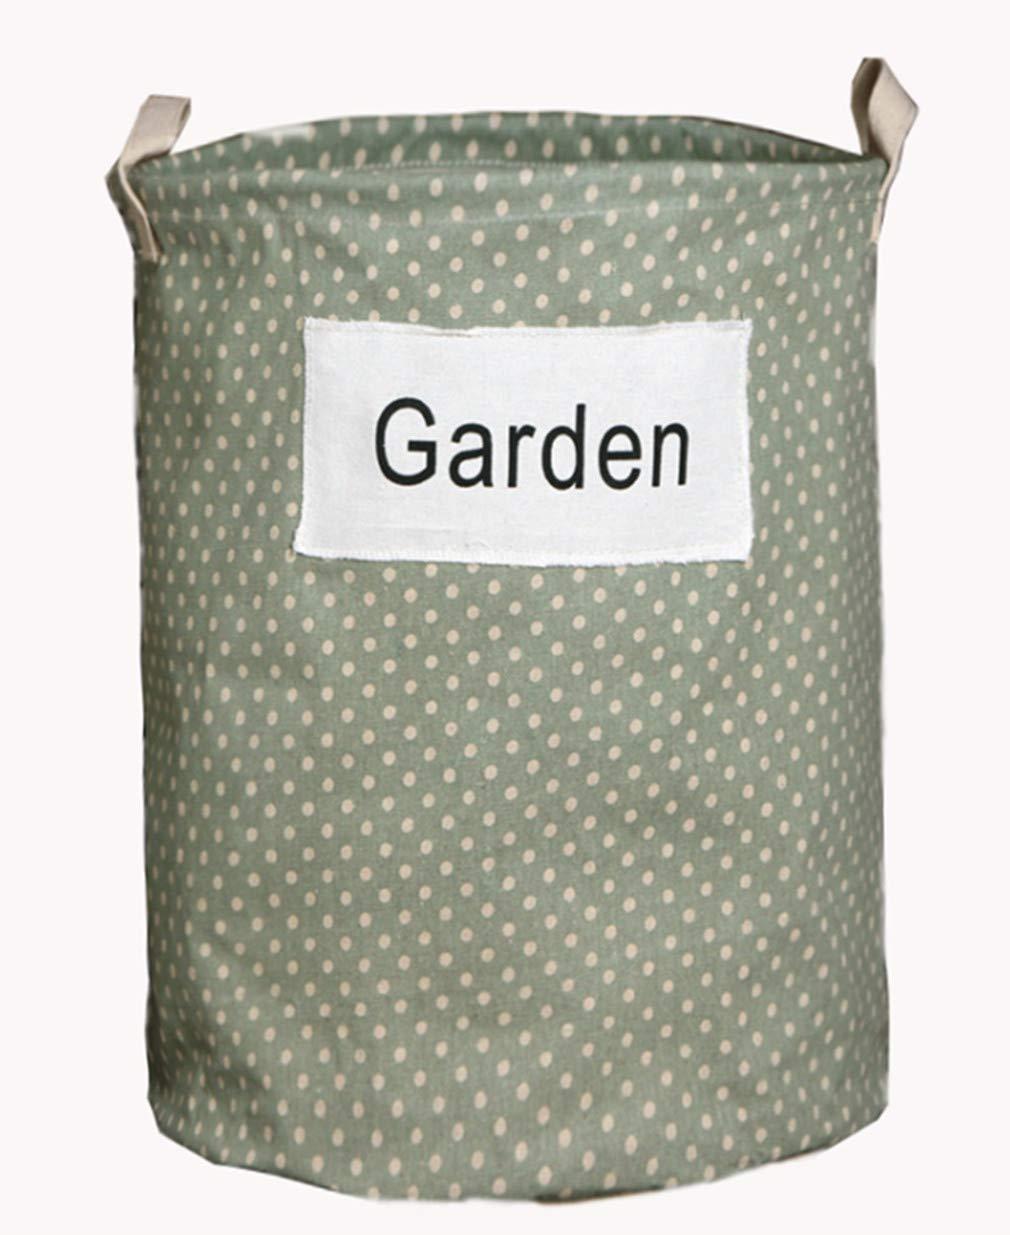 welim almacenamiento Net colgante de malla de almacenamiento cesta juguetes organizador de malla de almacenamiento Semi cerrado aplicable a ropa interior y calcetines y So On 3/capas color morado